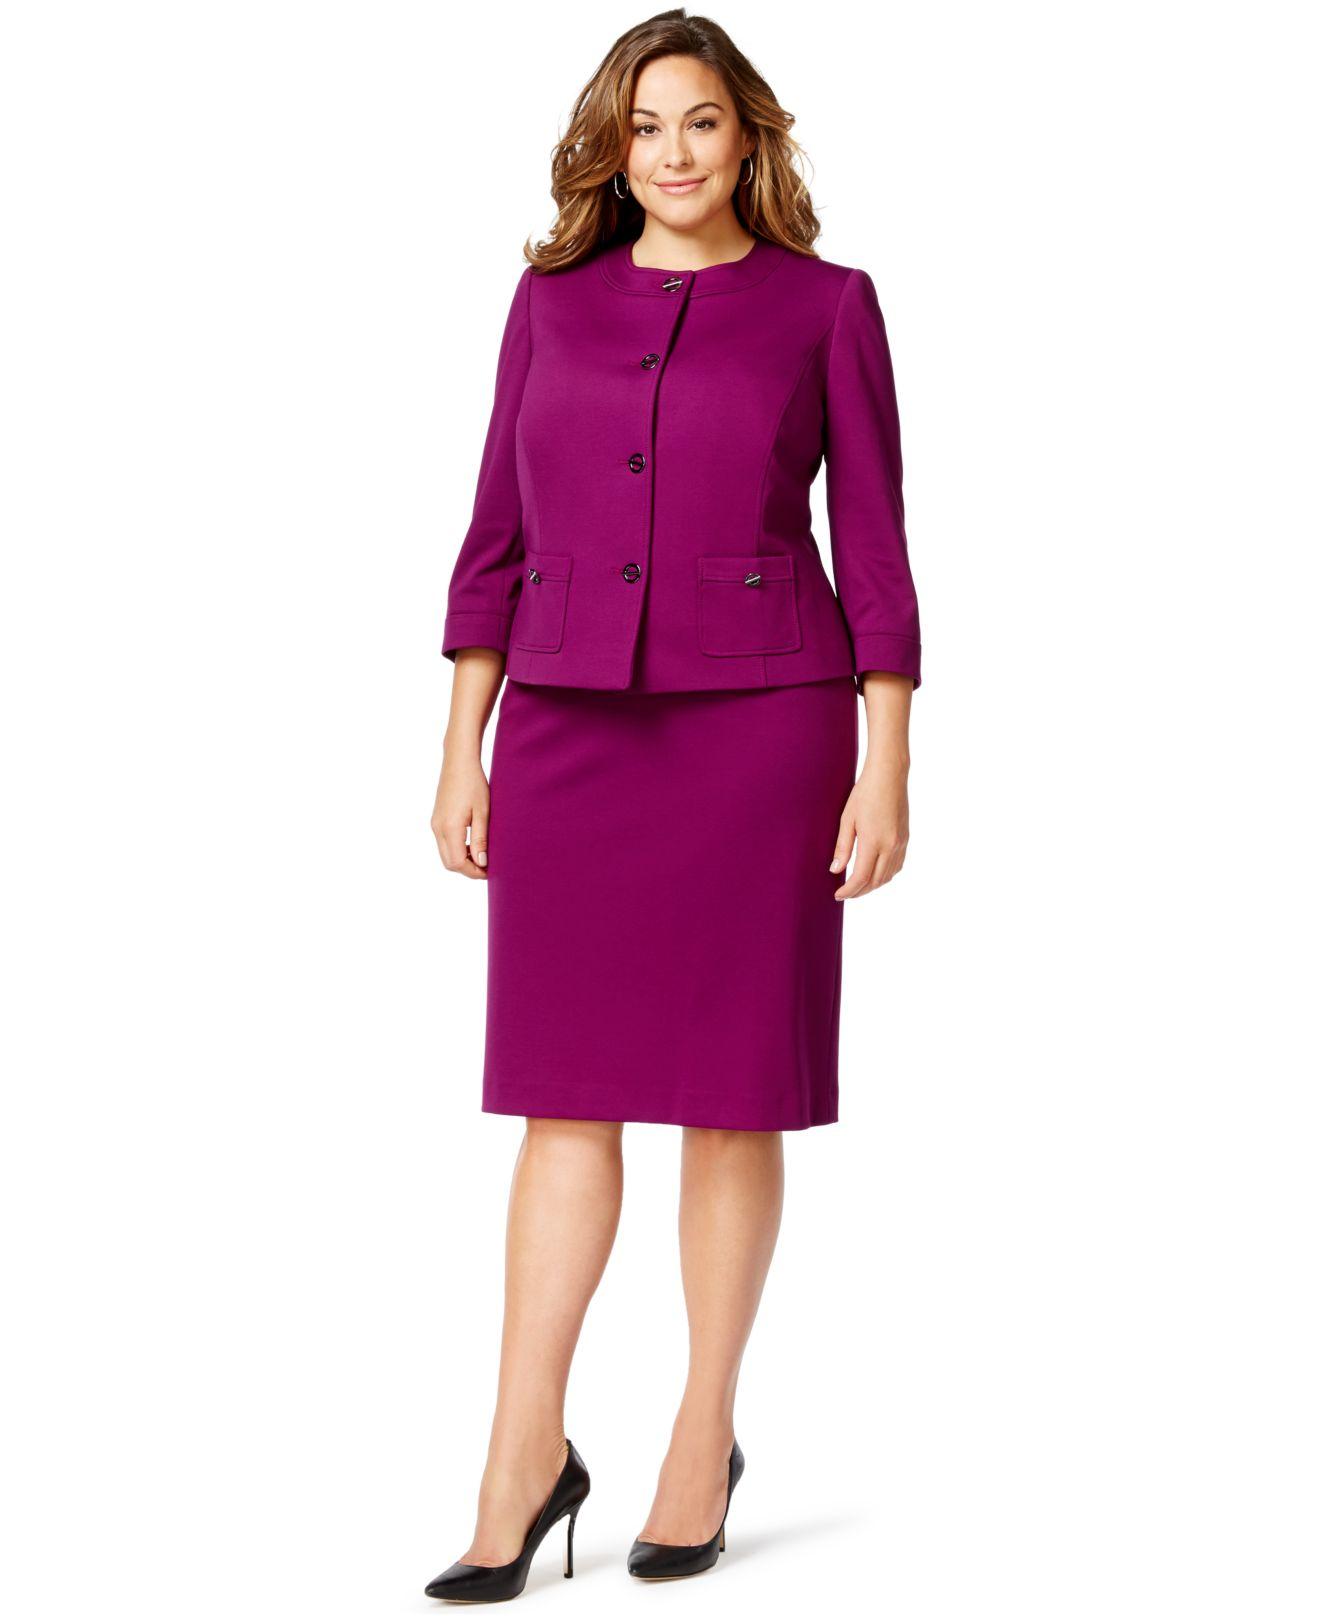 Plus Size Purple Suits for Women